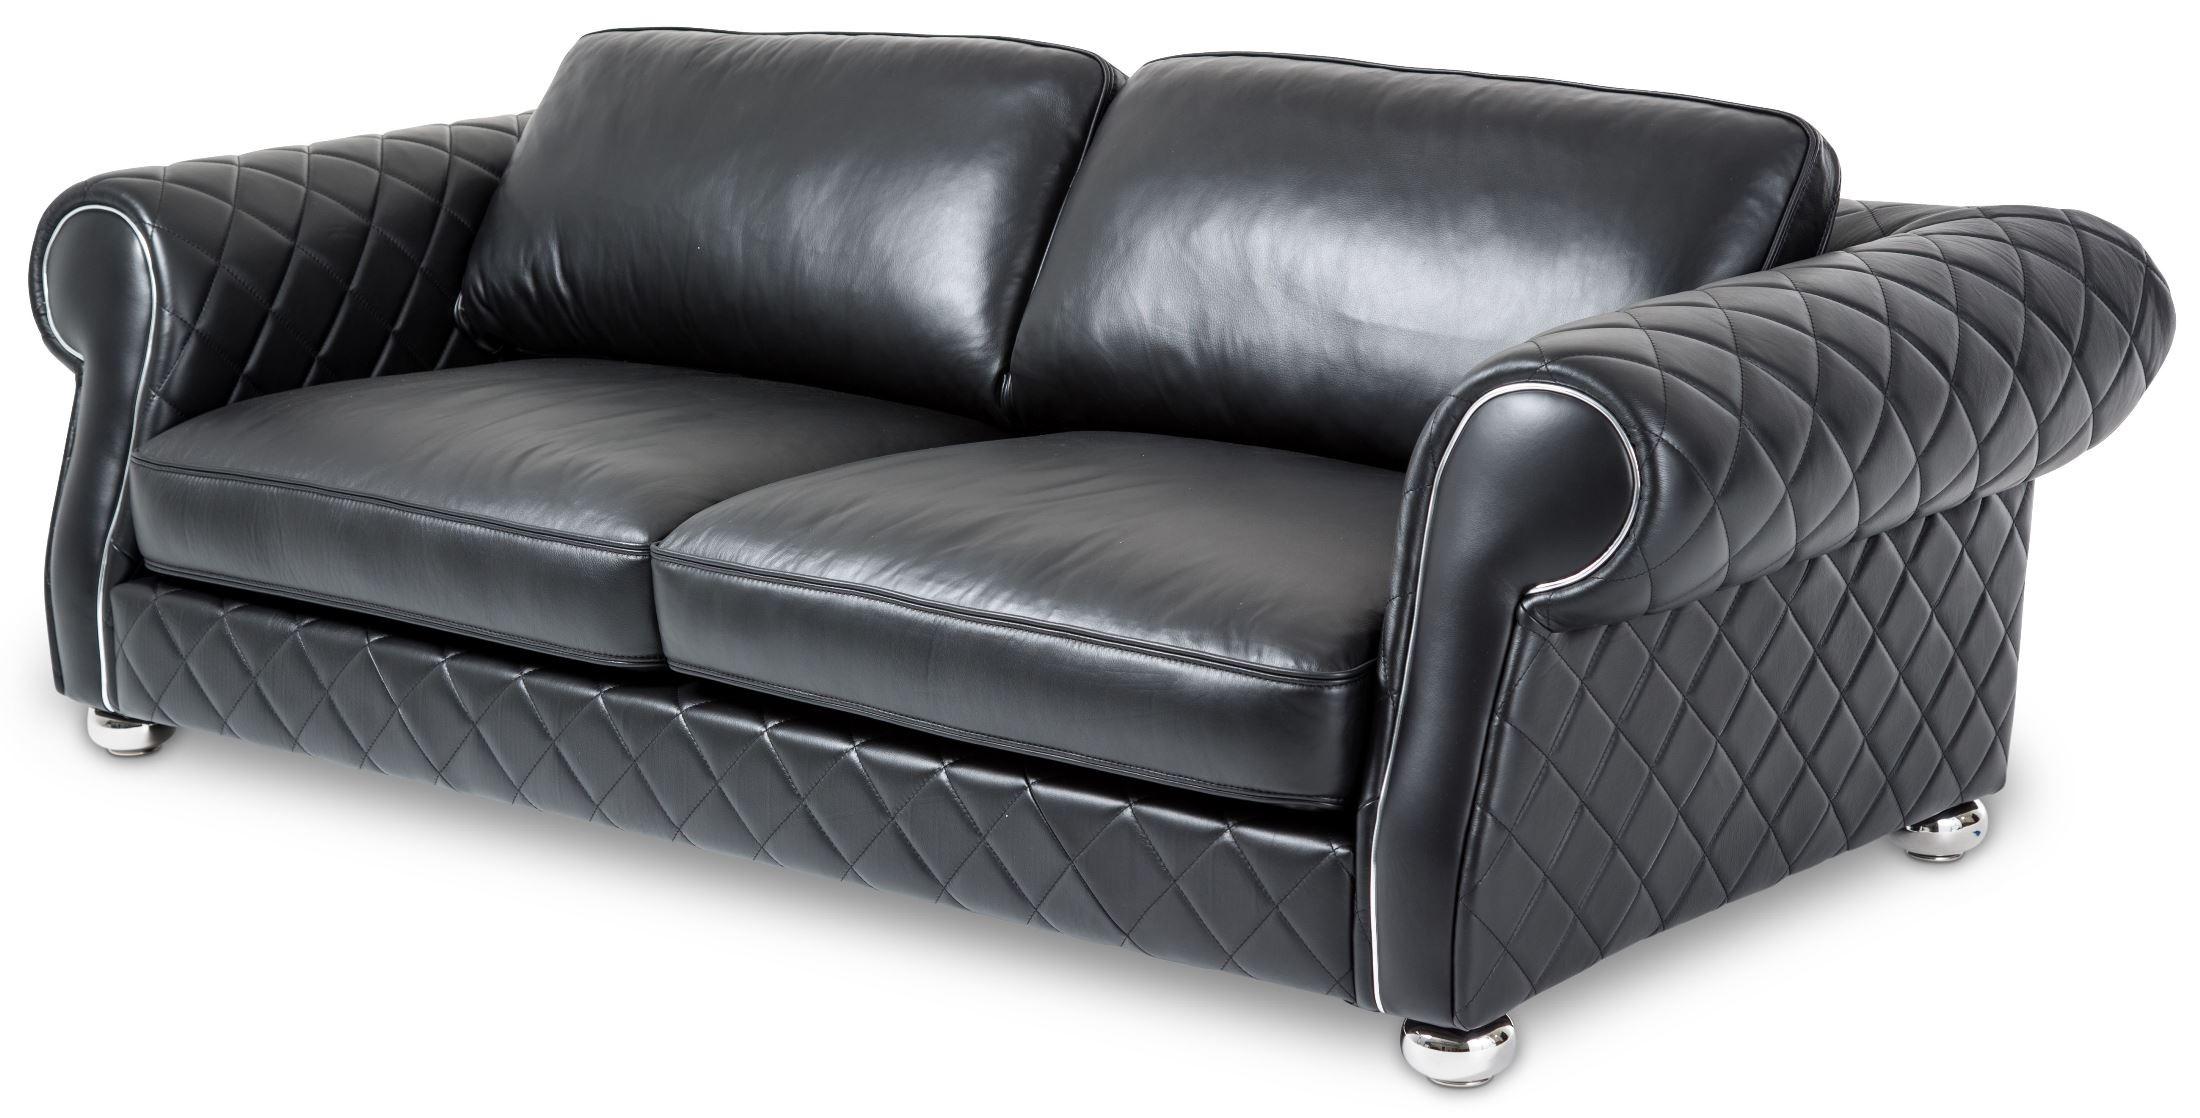 Mia Bella Smooth Black Leather Standard Sofa Mb Lugan15